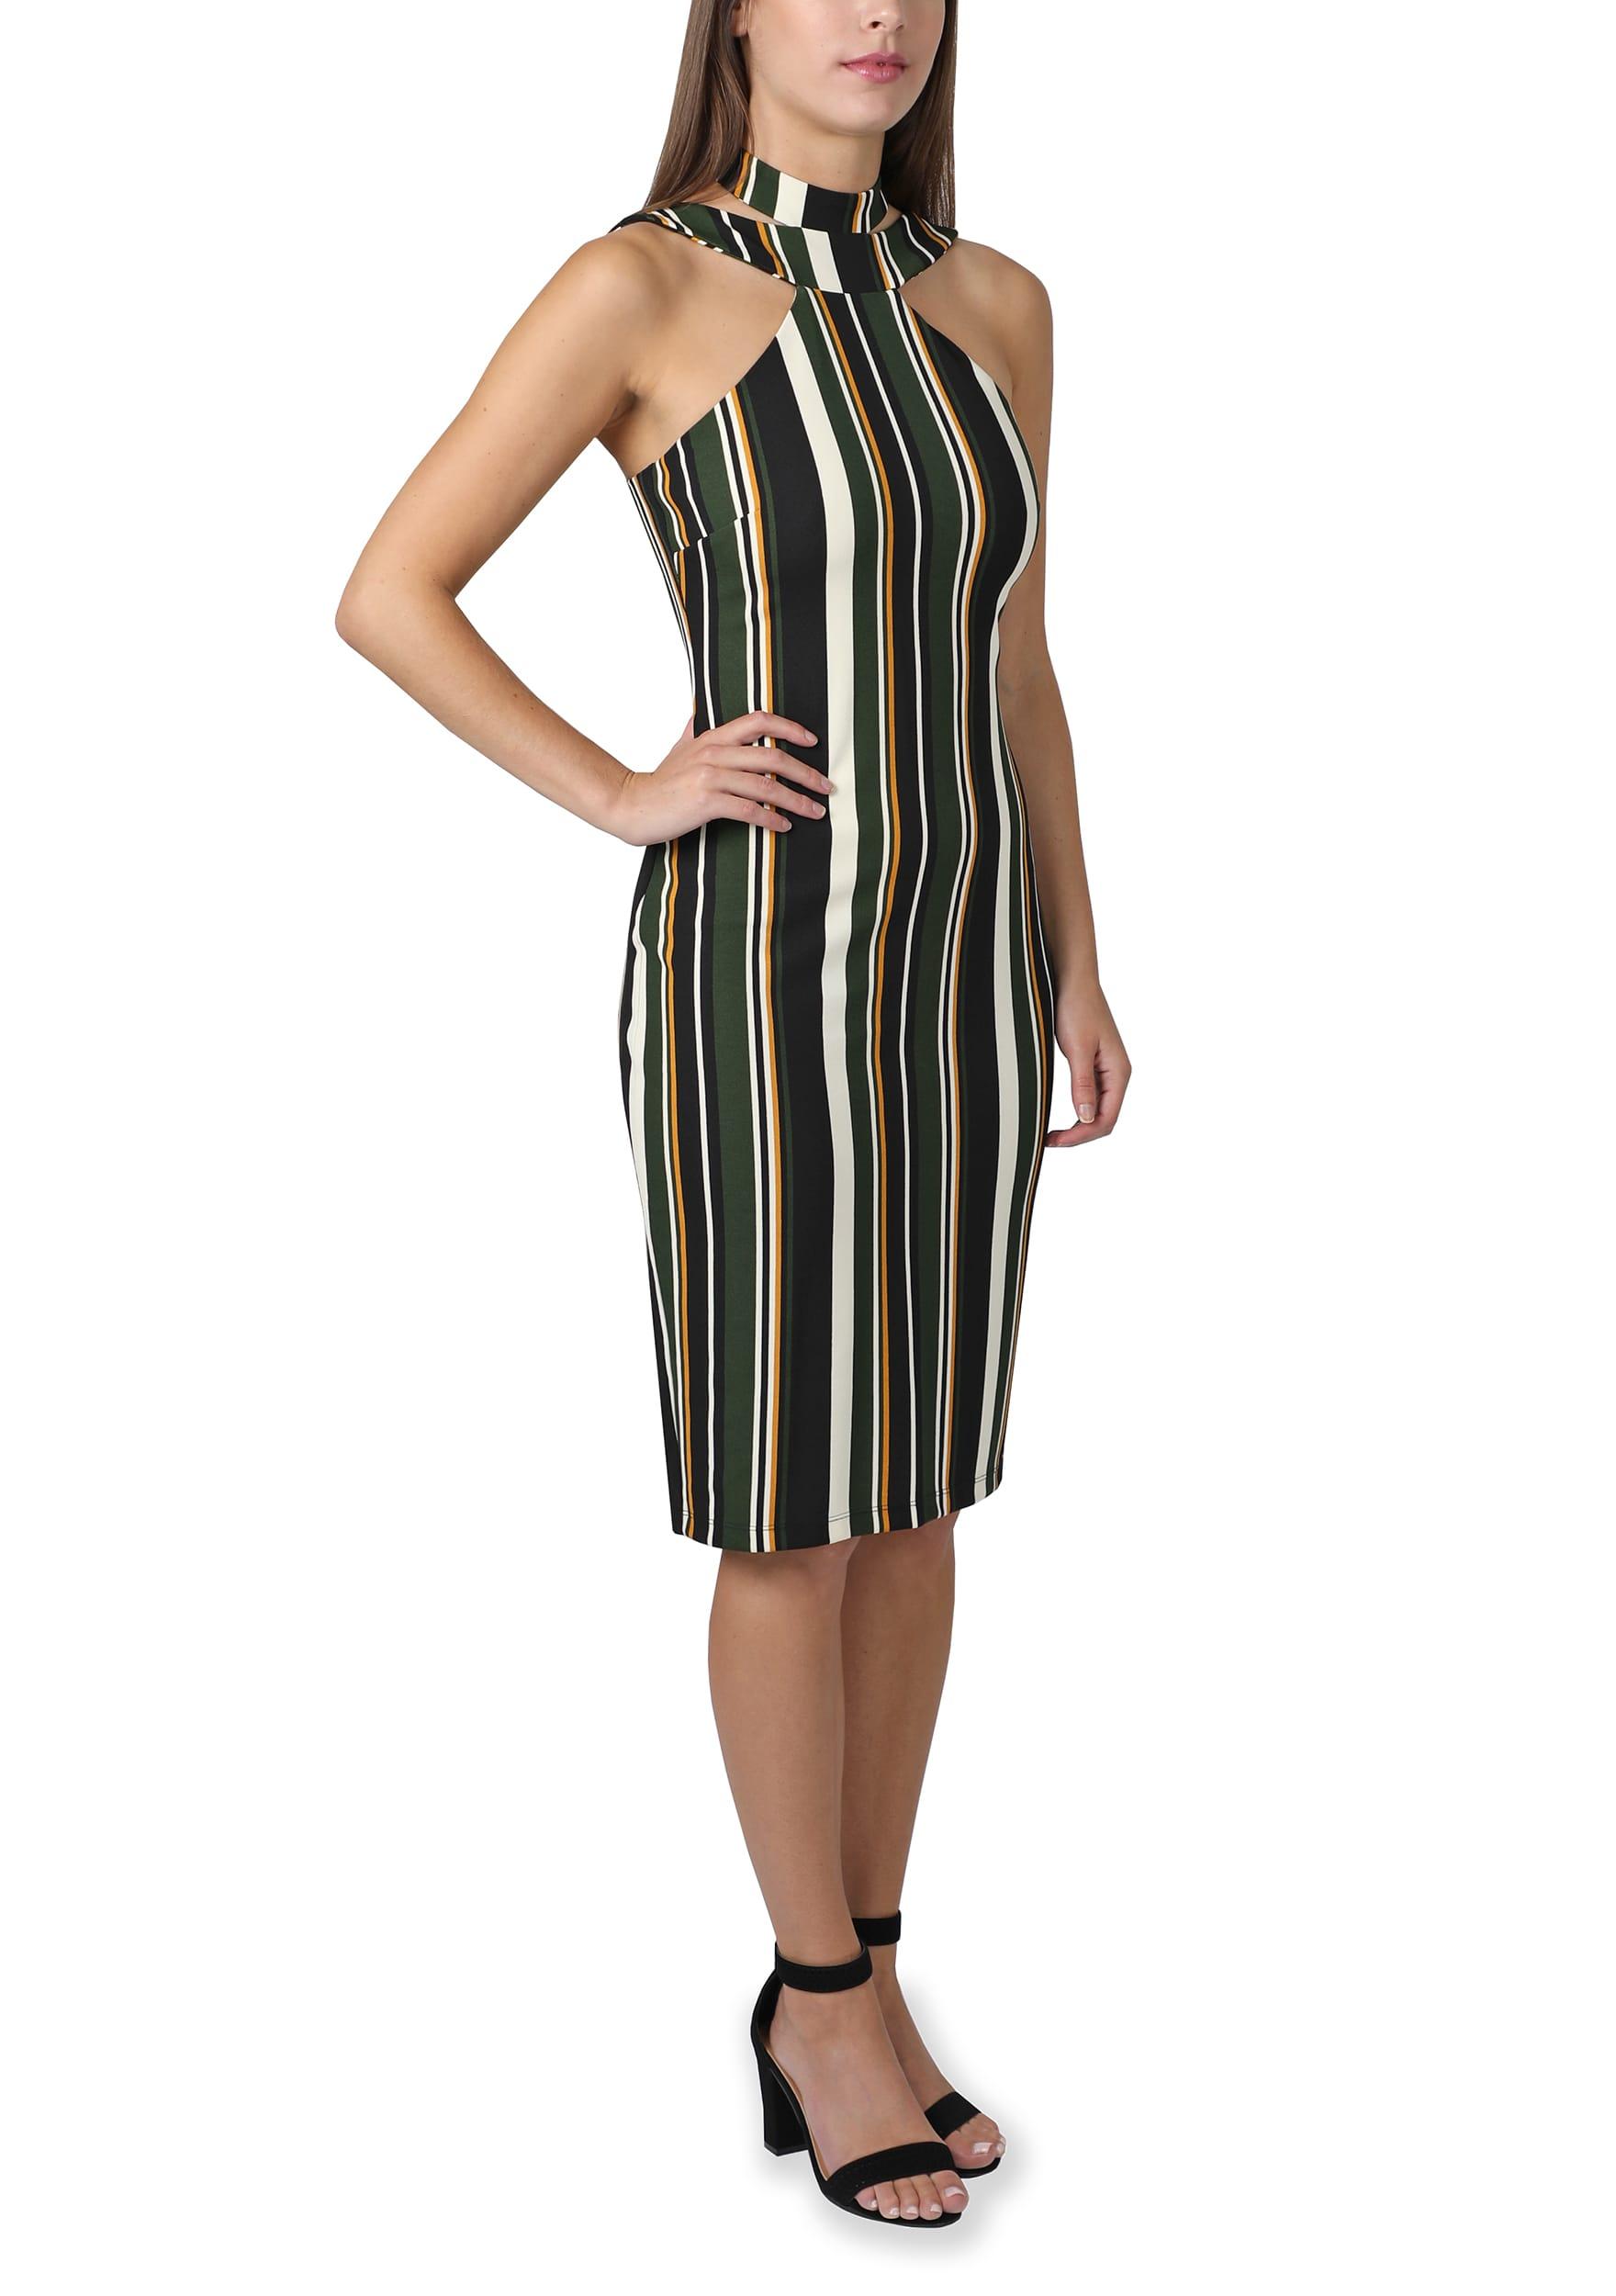 Bebe Stripe Halter Midi Dress - Green/multi - Front